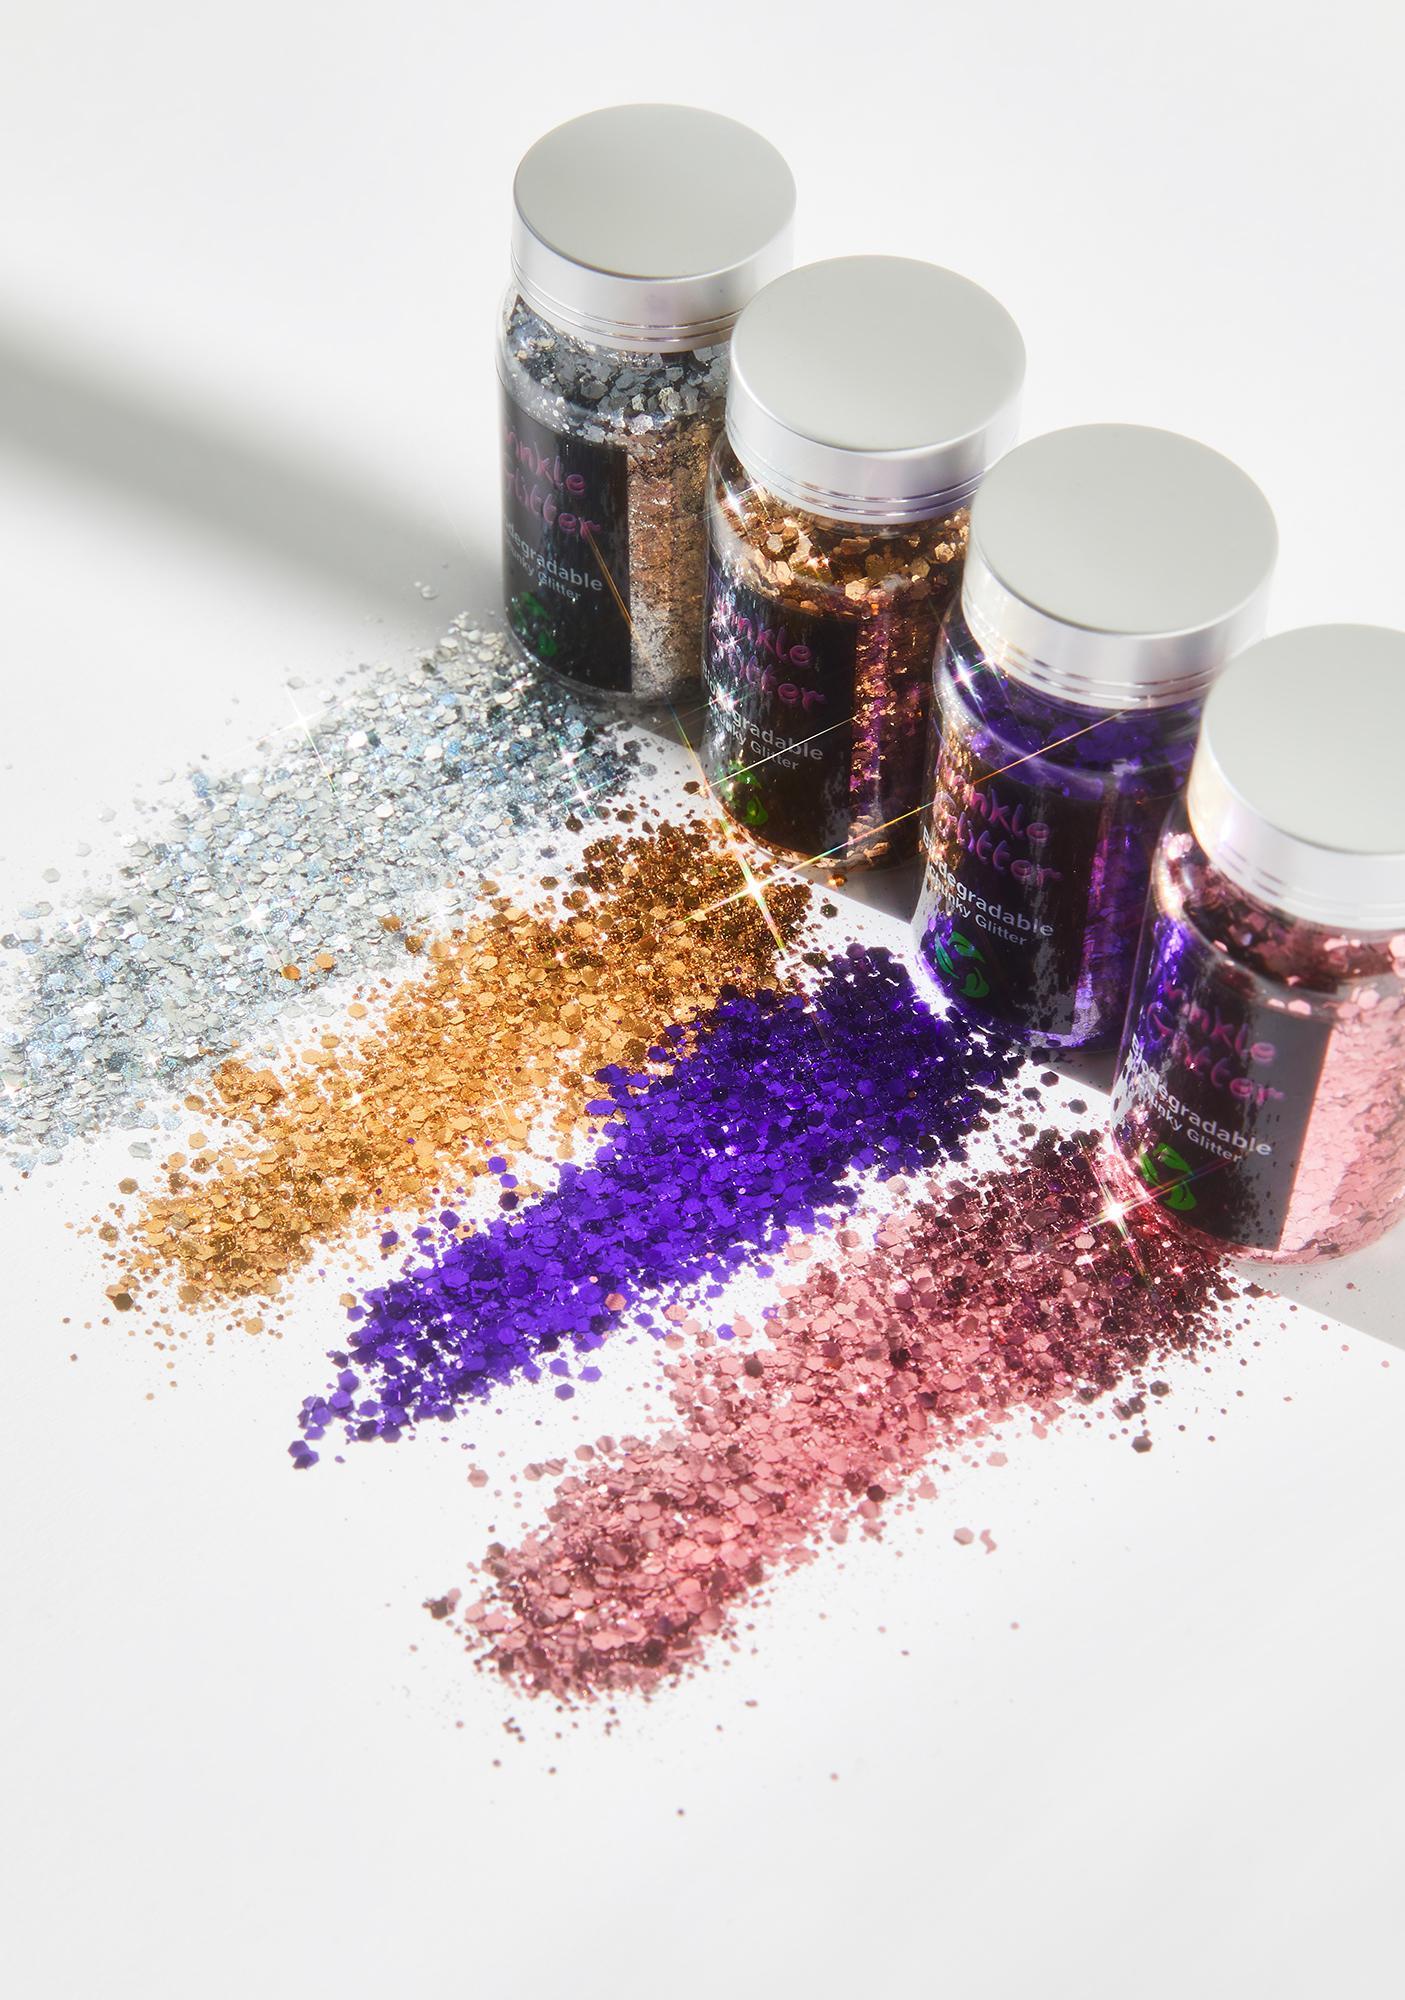 Pixie Magic Biodegradable Glitter